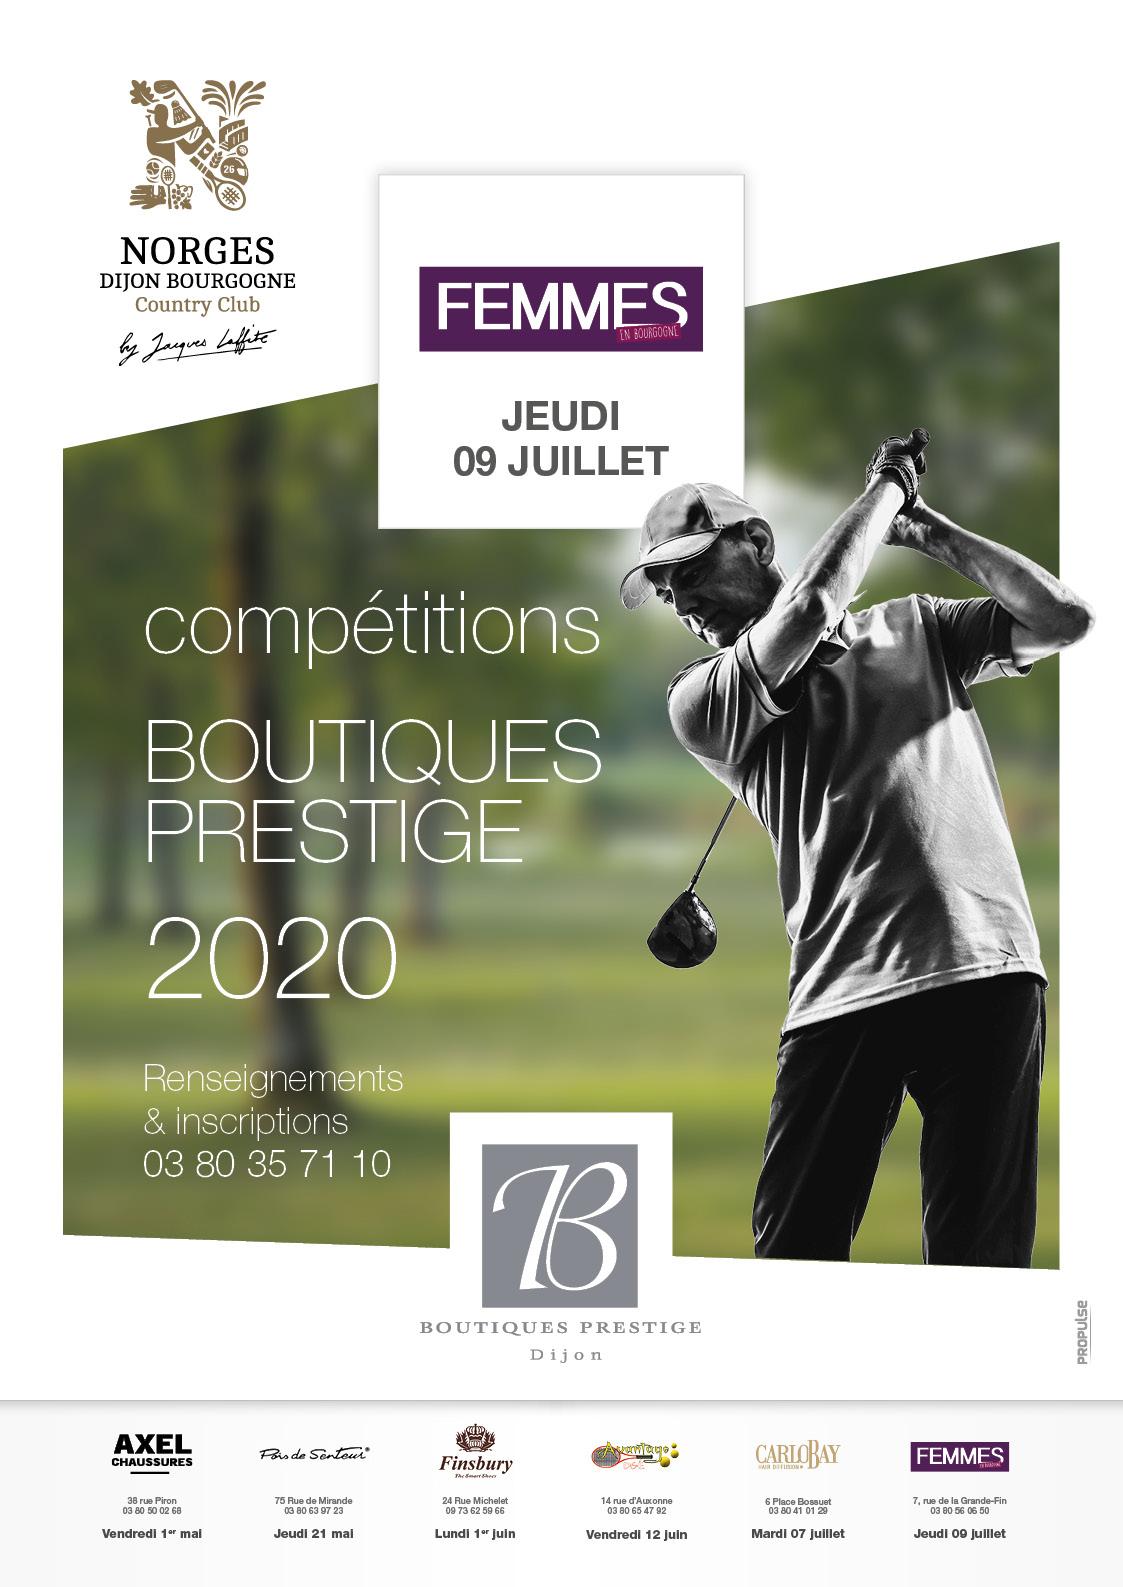 Boutiques prestige Femmes en Bourgogne